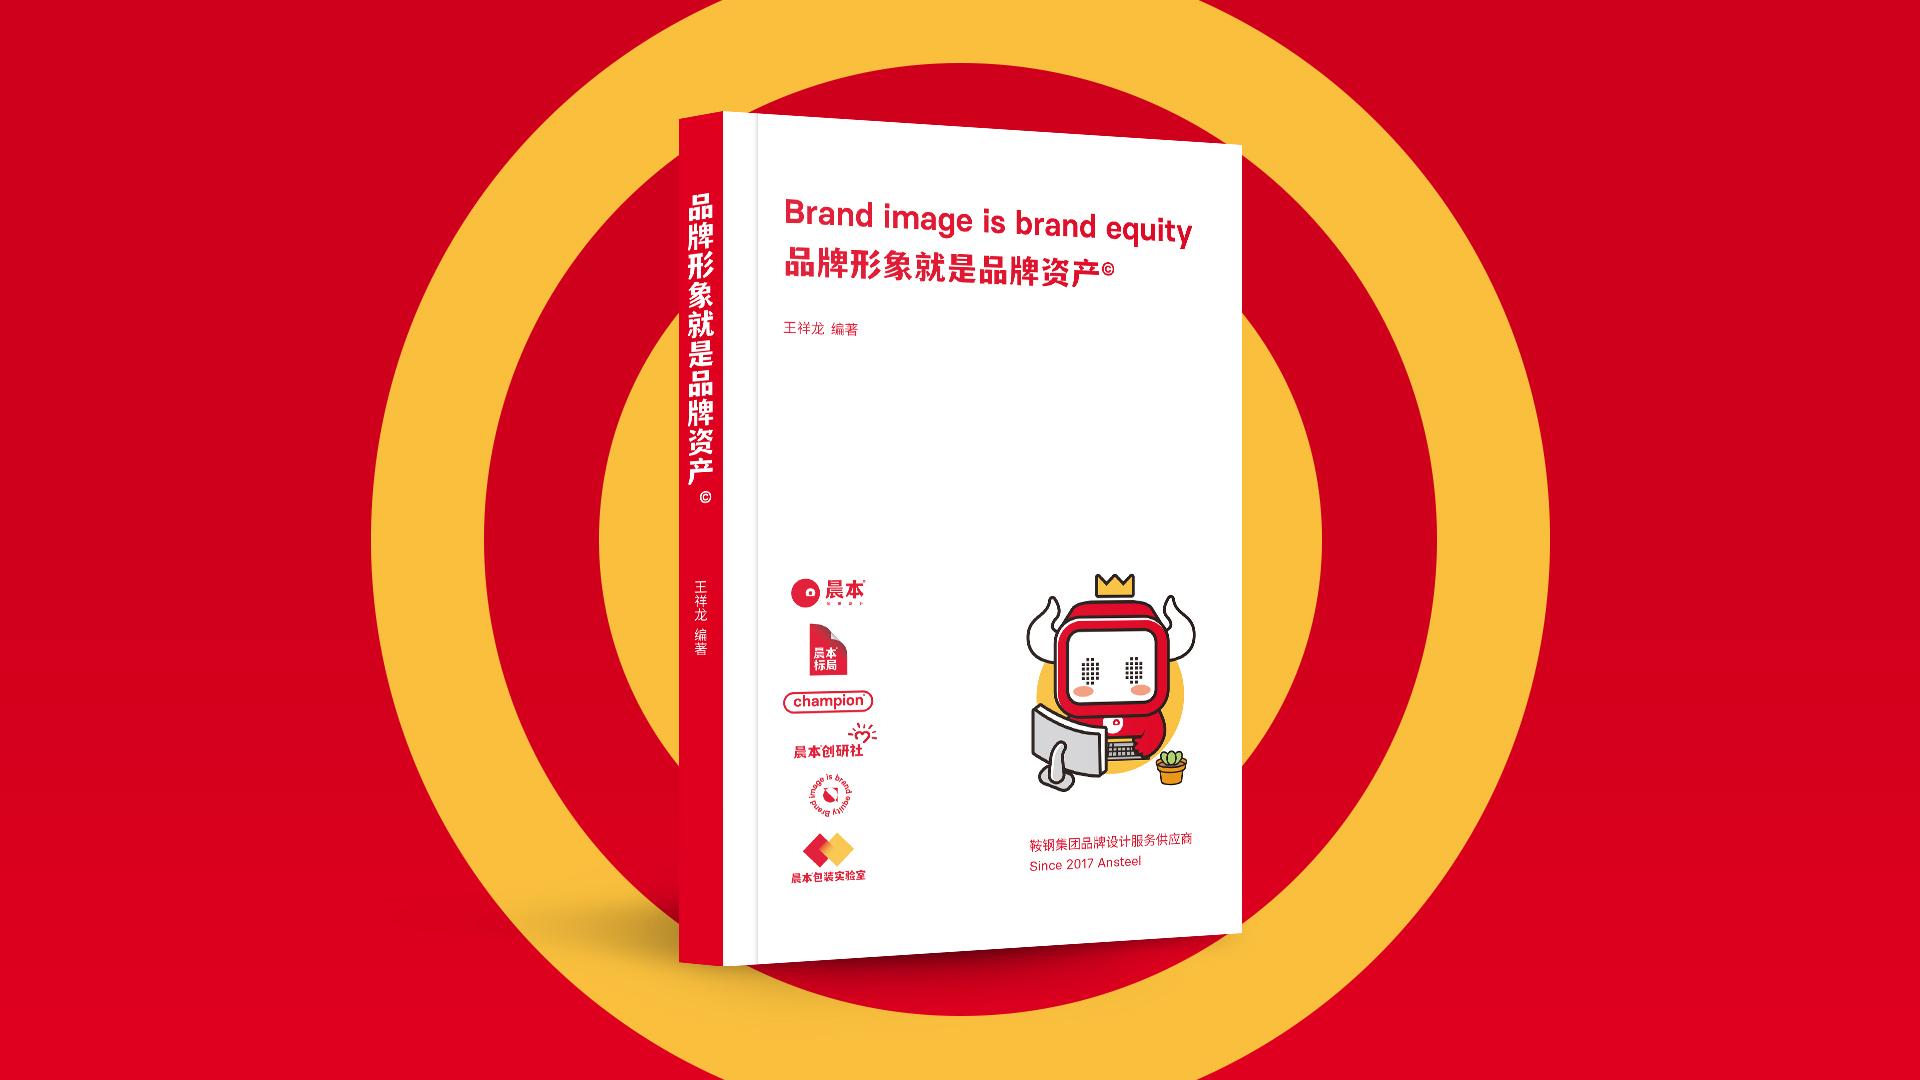 品牌形象就是品牌资产©方法论04.jpg